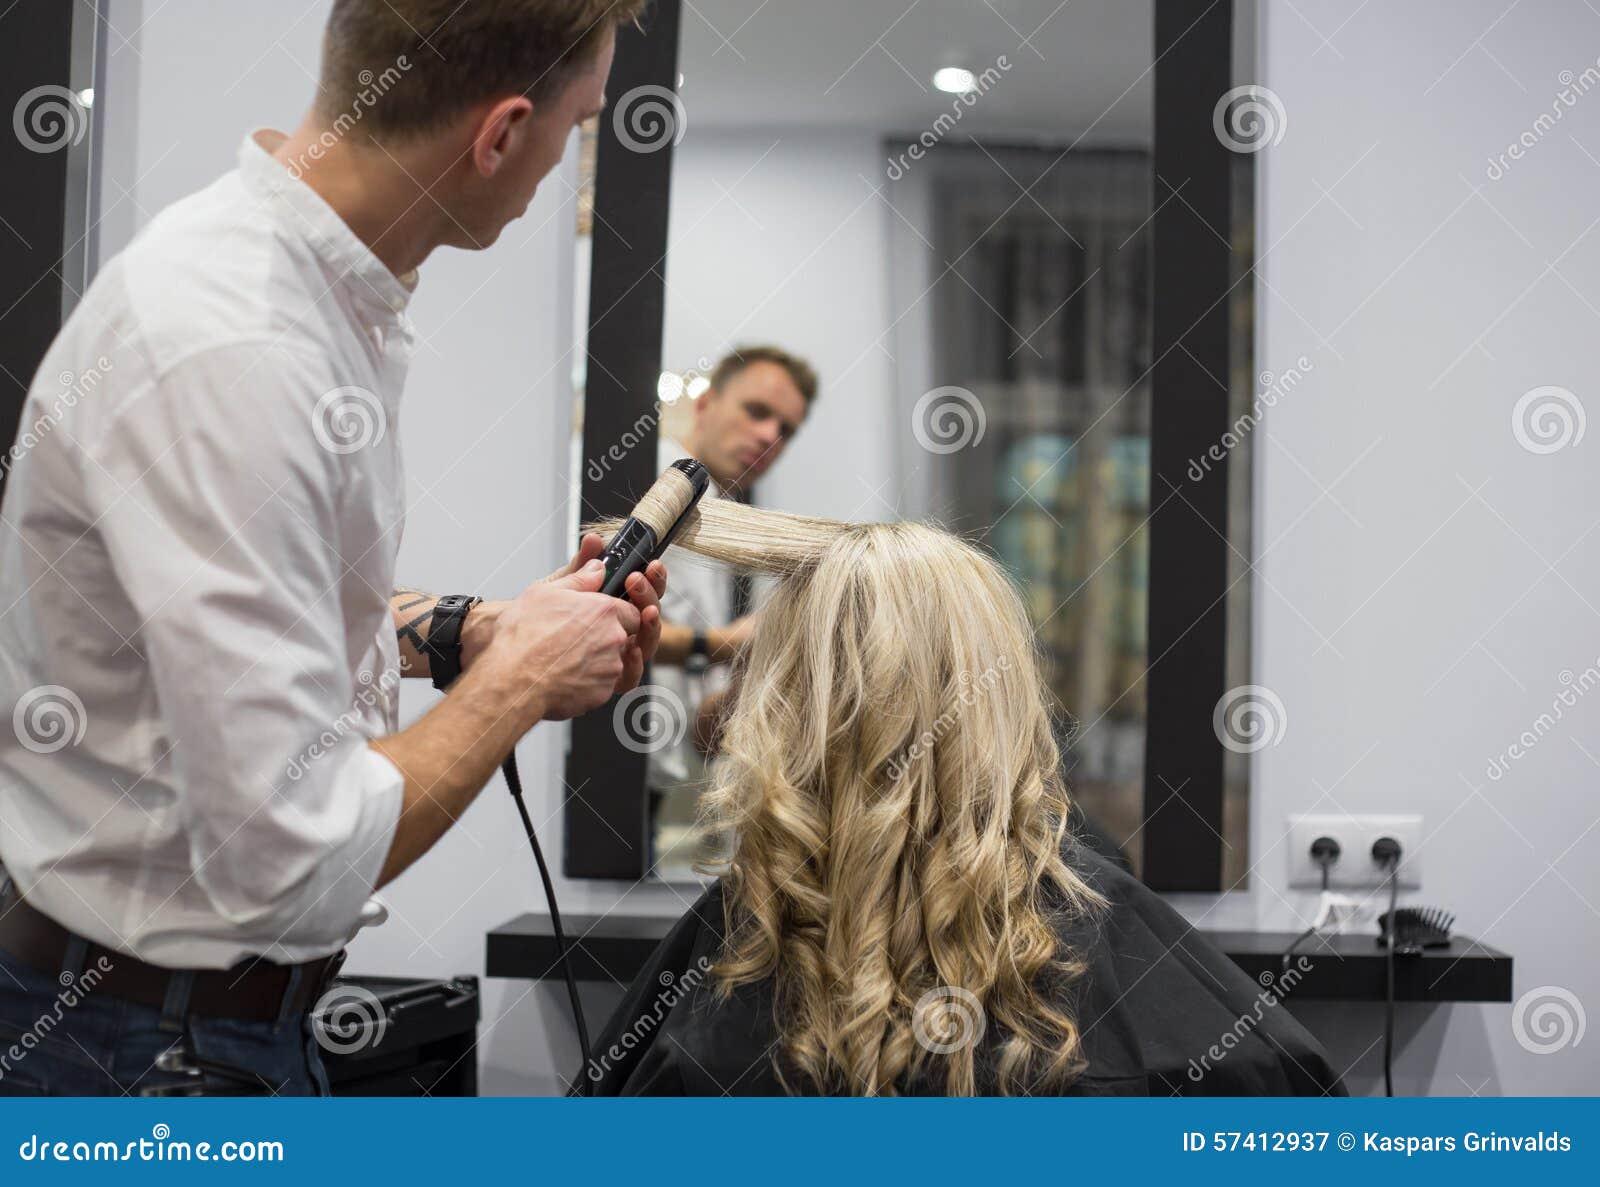 Friseur Styling Womans Haar Stockbild - Bild von trocknen, schön ...